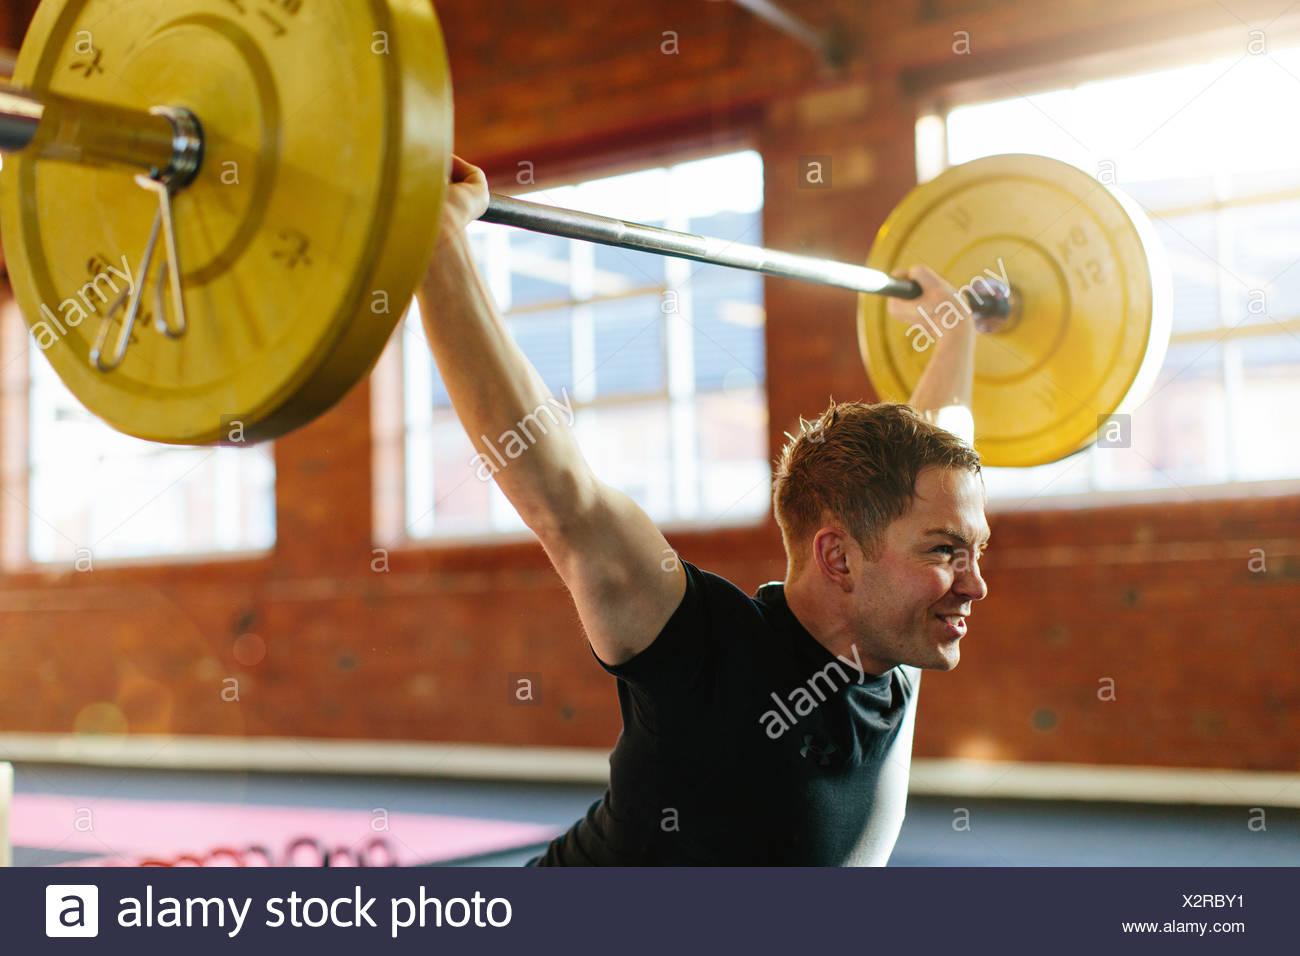 L'uomo il sollevamento pesi nella palestra Immagini Stock